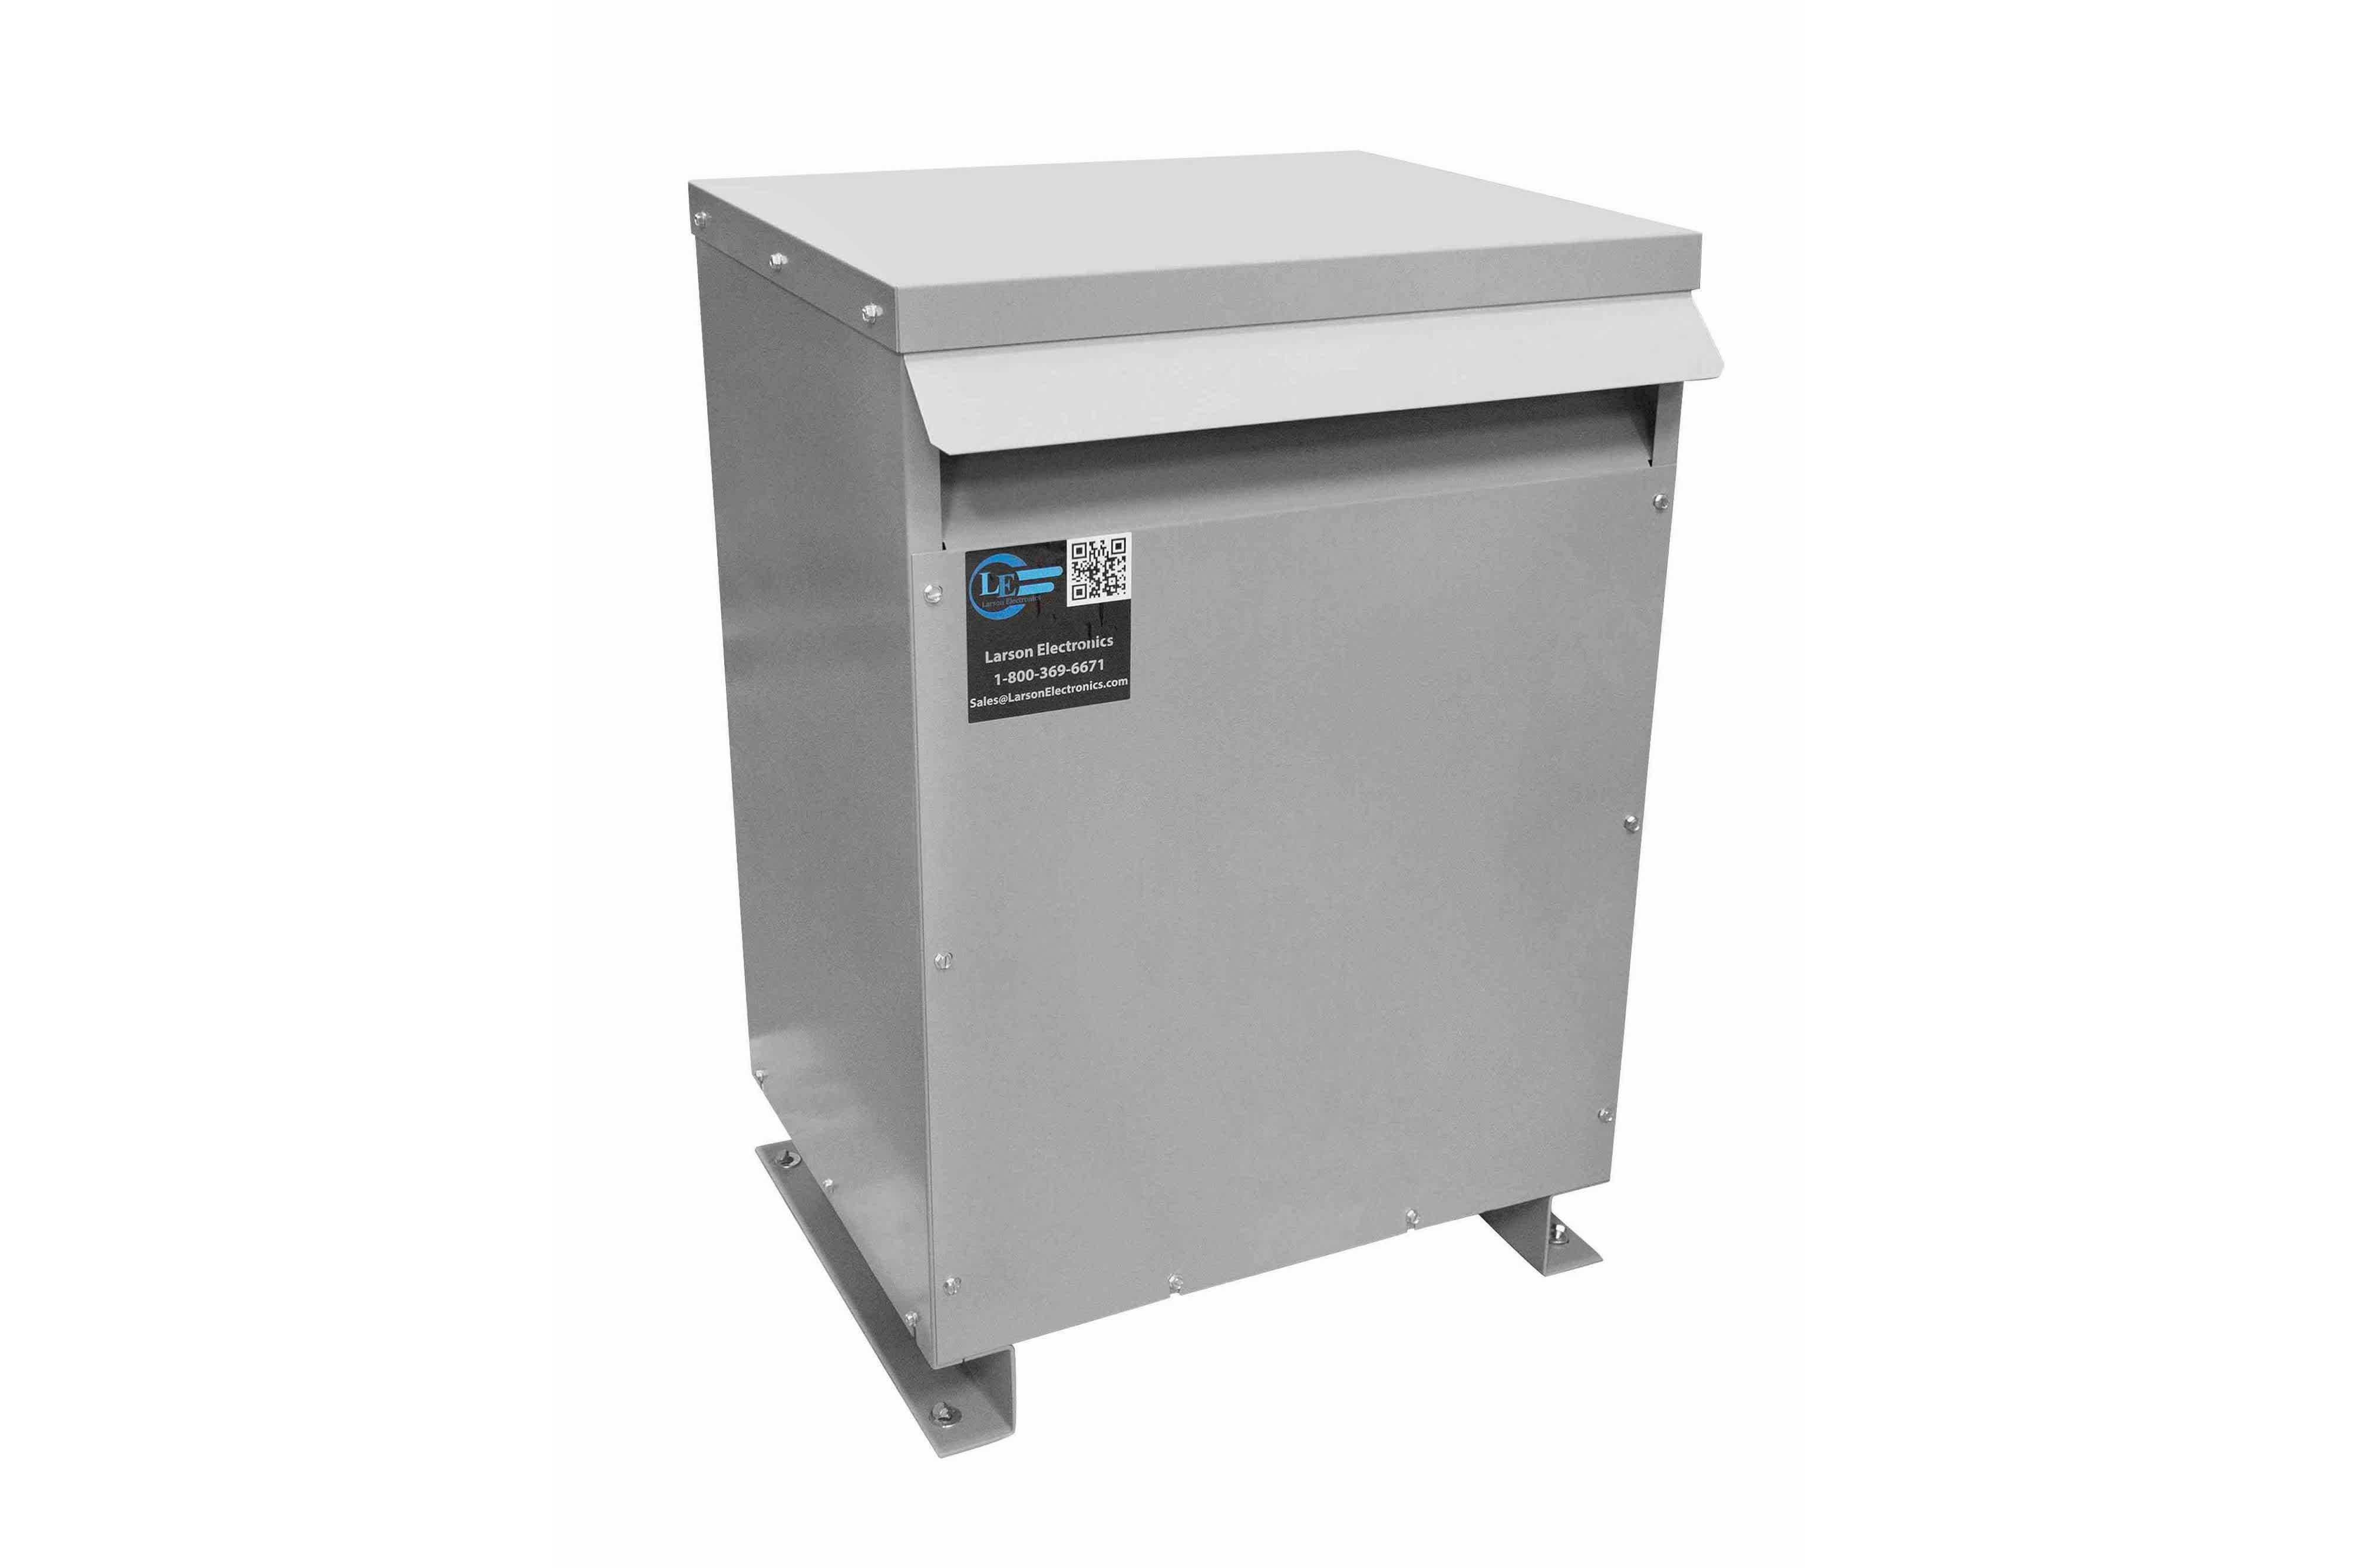 28 kVA 3PH Isolation Transformer, 575V Delta Primary, 240 Delta Secondary, N3R, Ventilated, 60 Hz